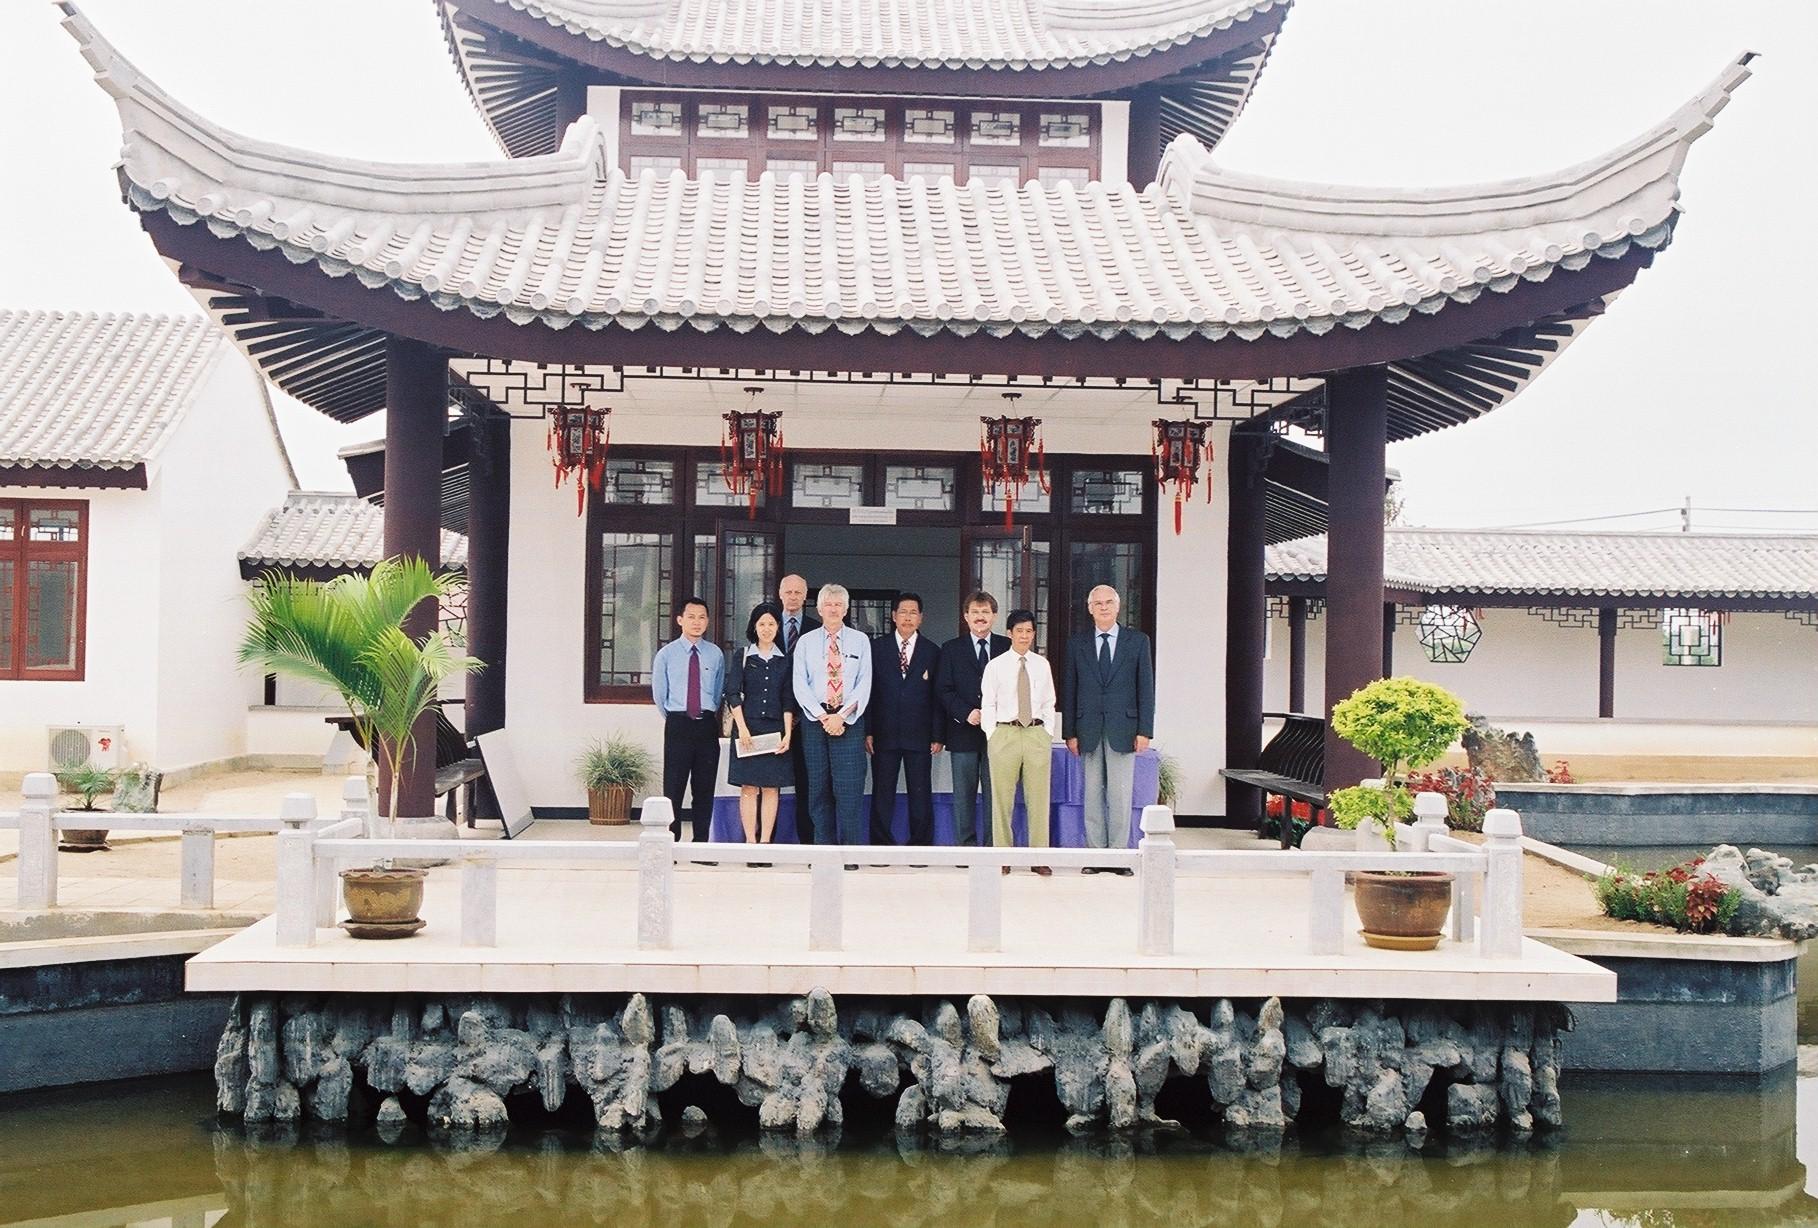 5139 - ฯพณฯ สุรพงษ์ ชัยนาม เอกอัครราชทูตไทยประจำกรุงเบอร์ลิน นำคณะอาจารย์มหาวิทยาลัยในประเทศสหพันธ์สาธารณรัฐเยอรมัน เข้าเยี่ยมชมศูนย์ภาษาและวัฒนธรรมจีนสิรินธร มหาวิทยาลัยแม่ฟ้าหลวง